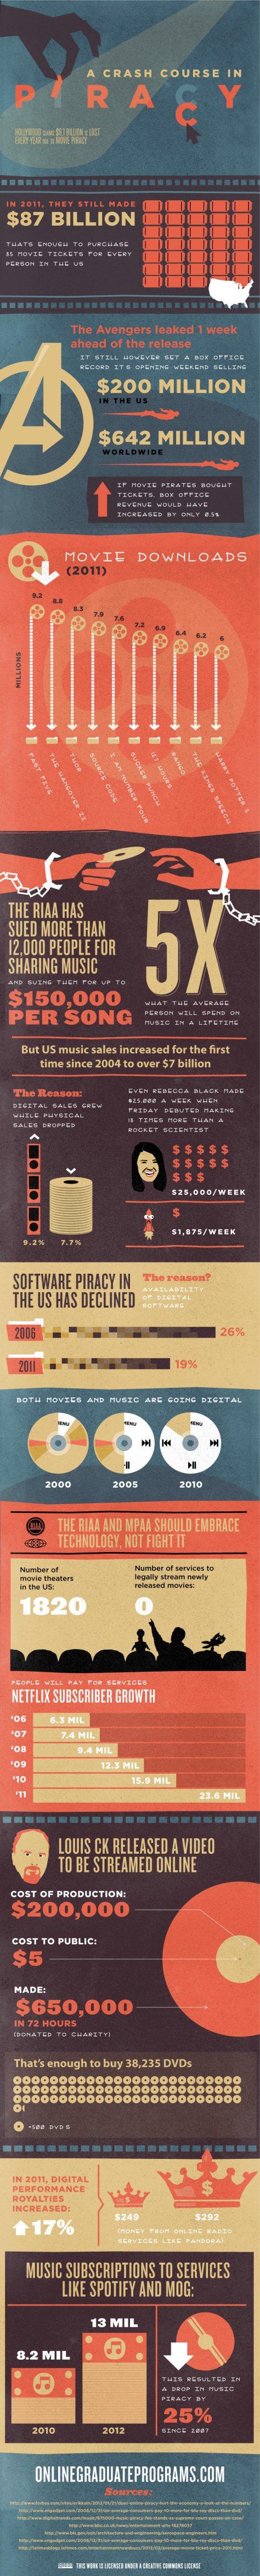 Music, Movies, Programs & Piracy